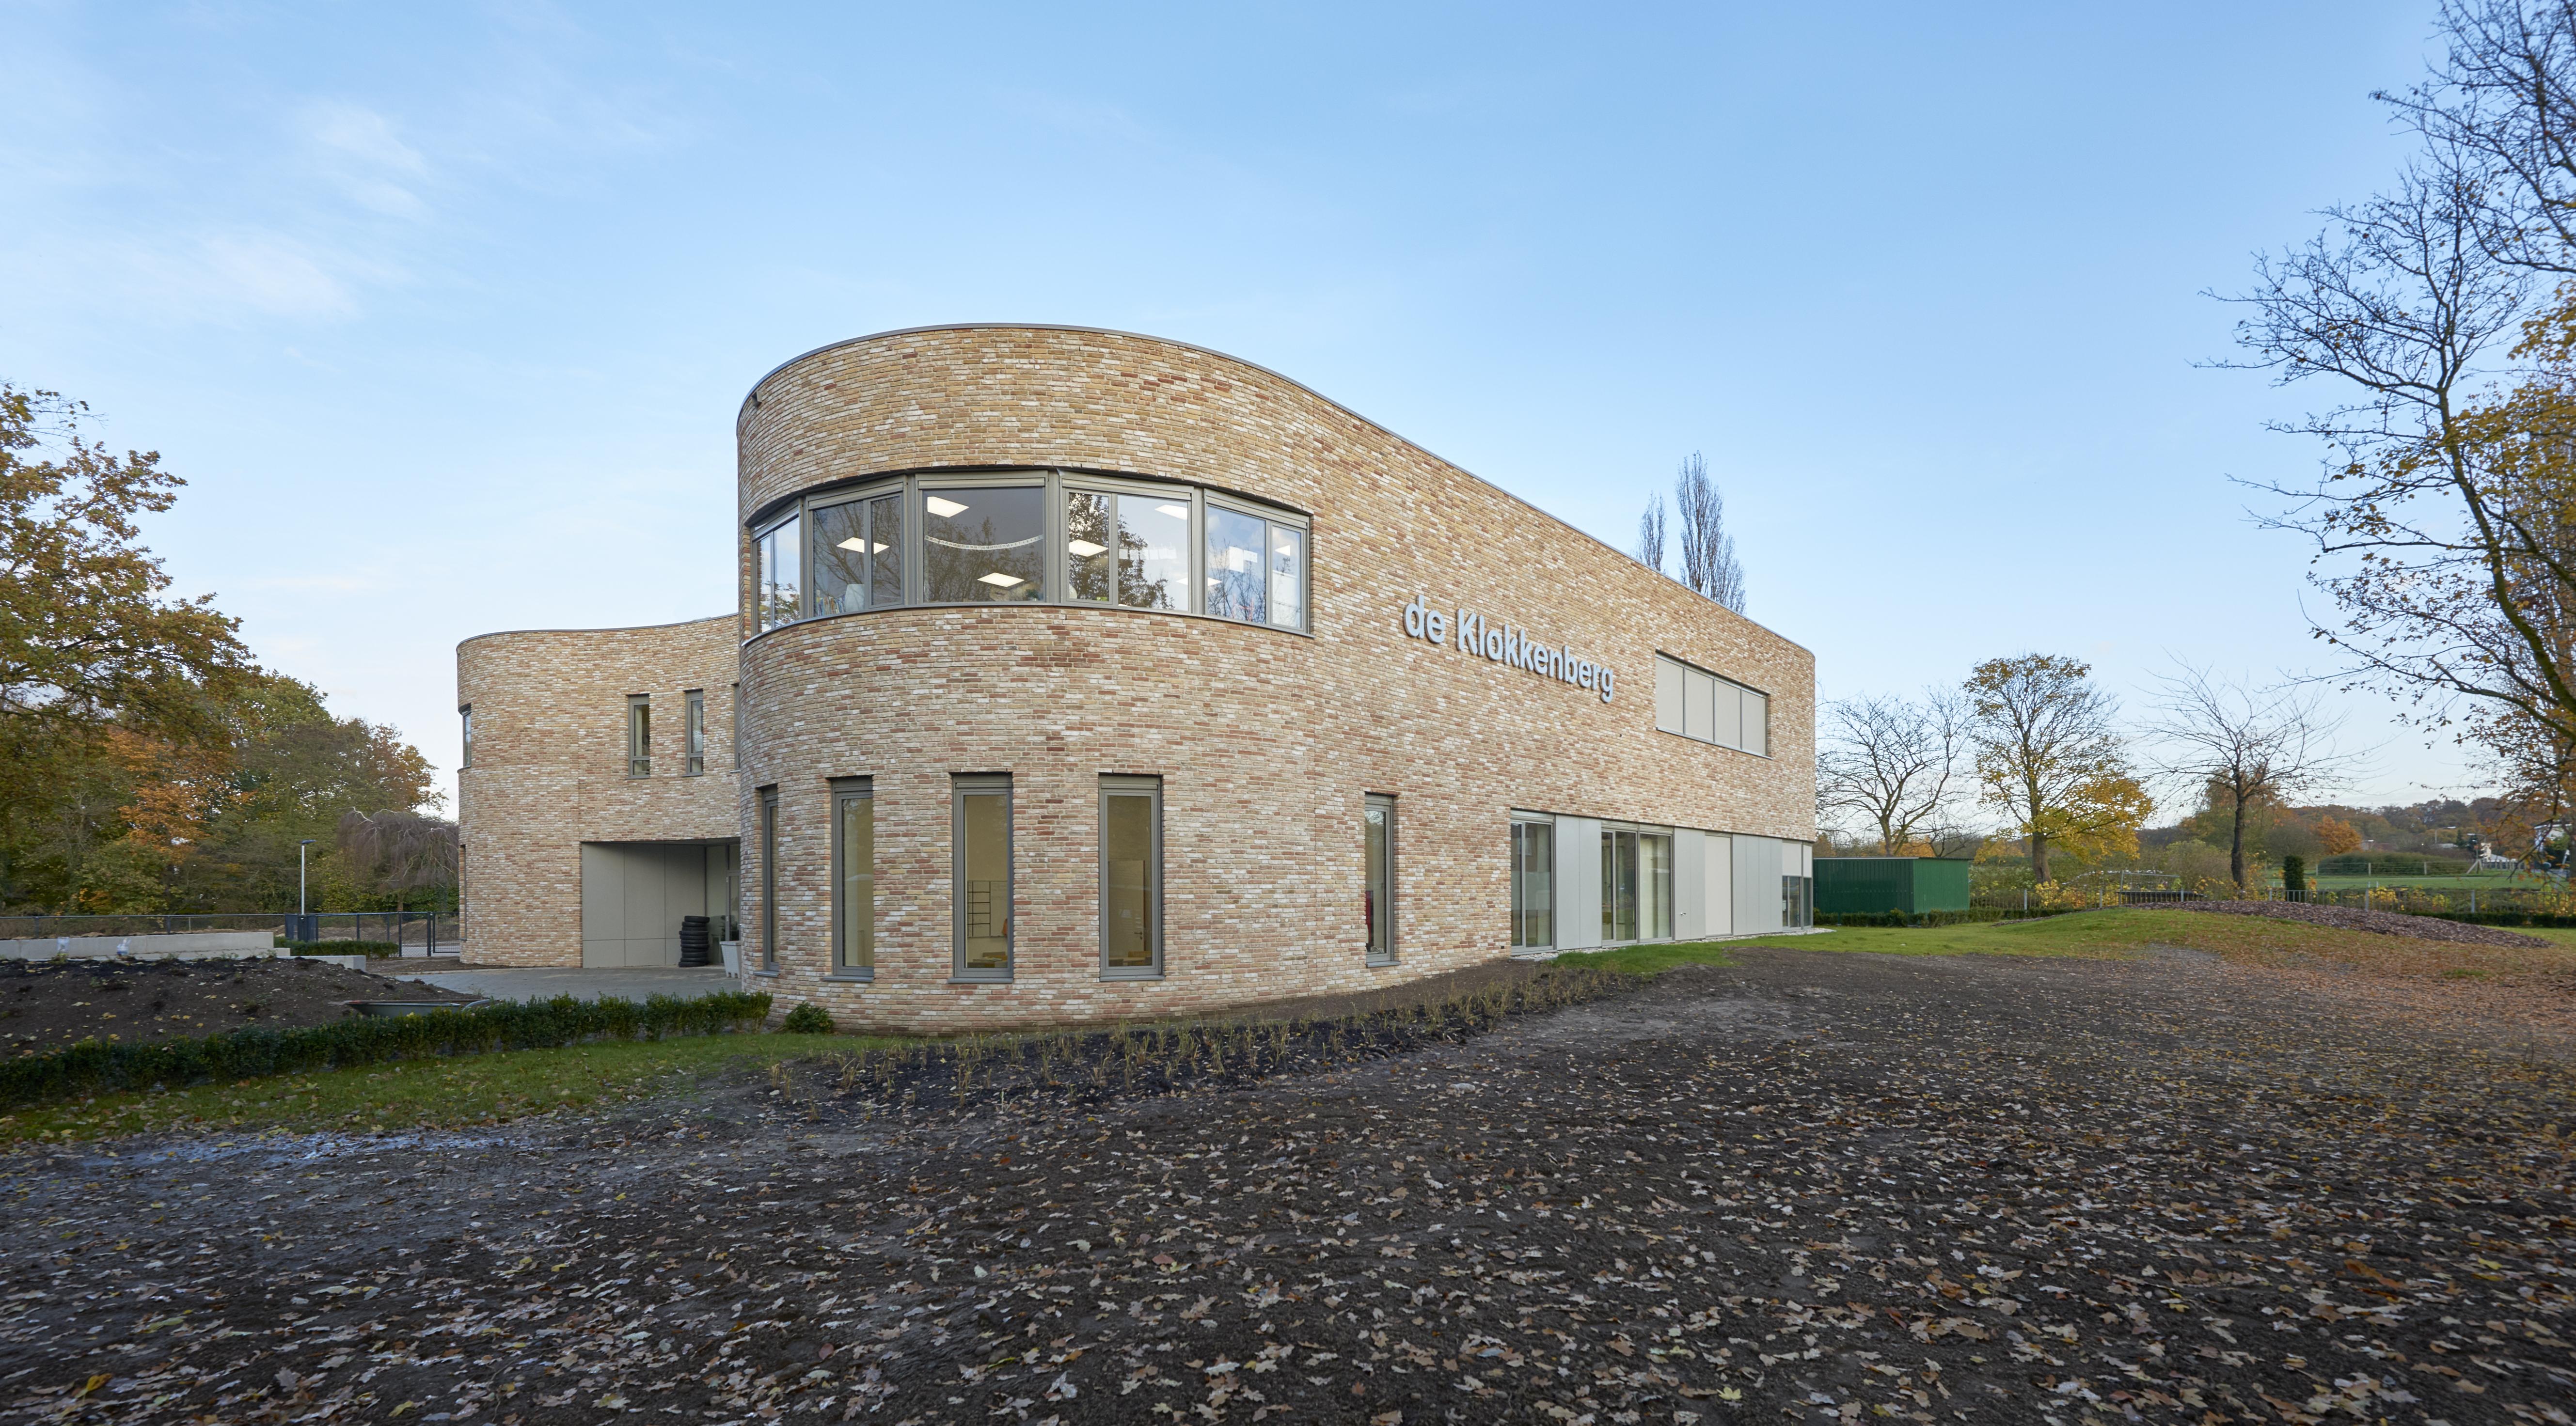 <p>Basisschool de Klokkenberg in Nijmegen, ontworpen door Bendien Wierenga Architecten.</p>